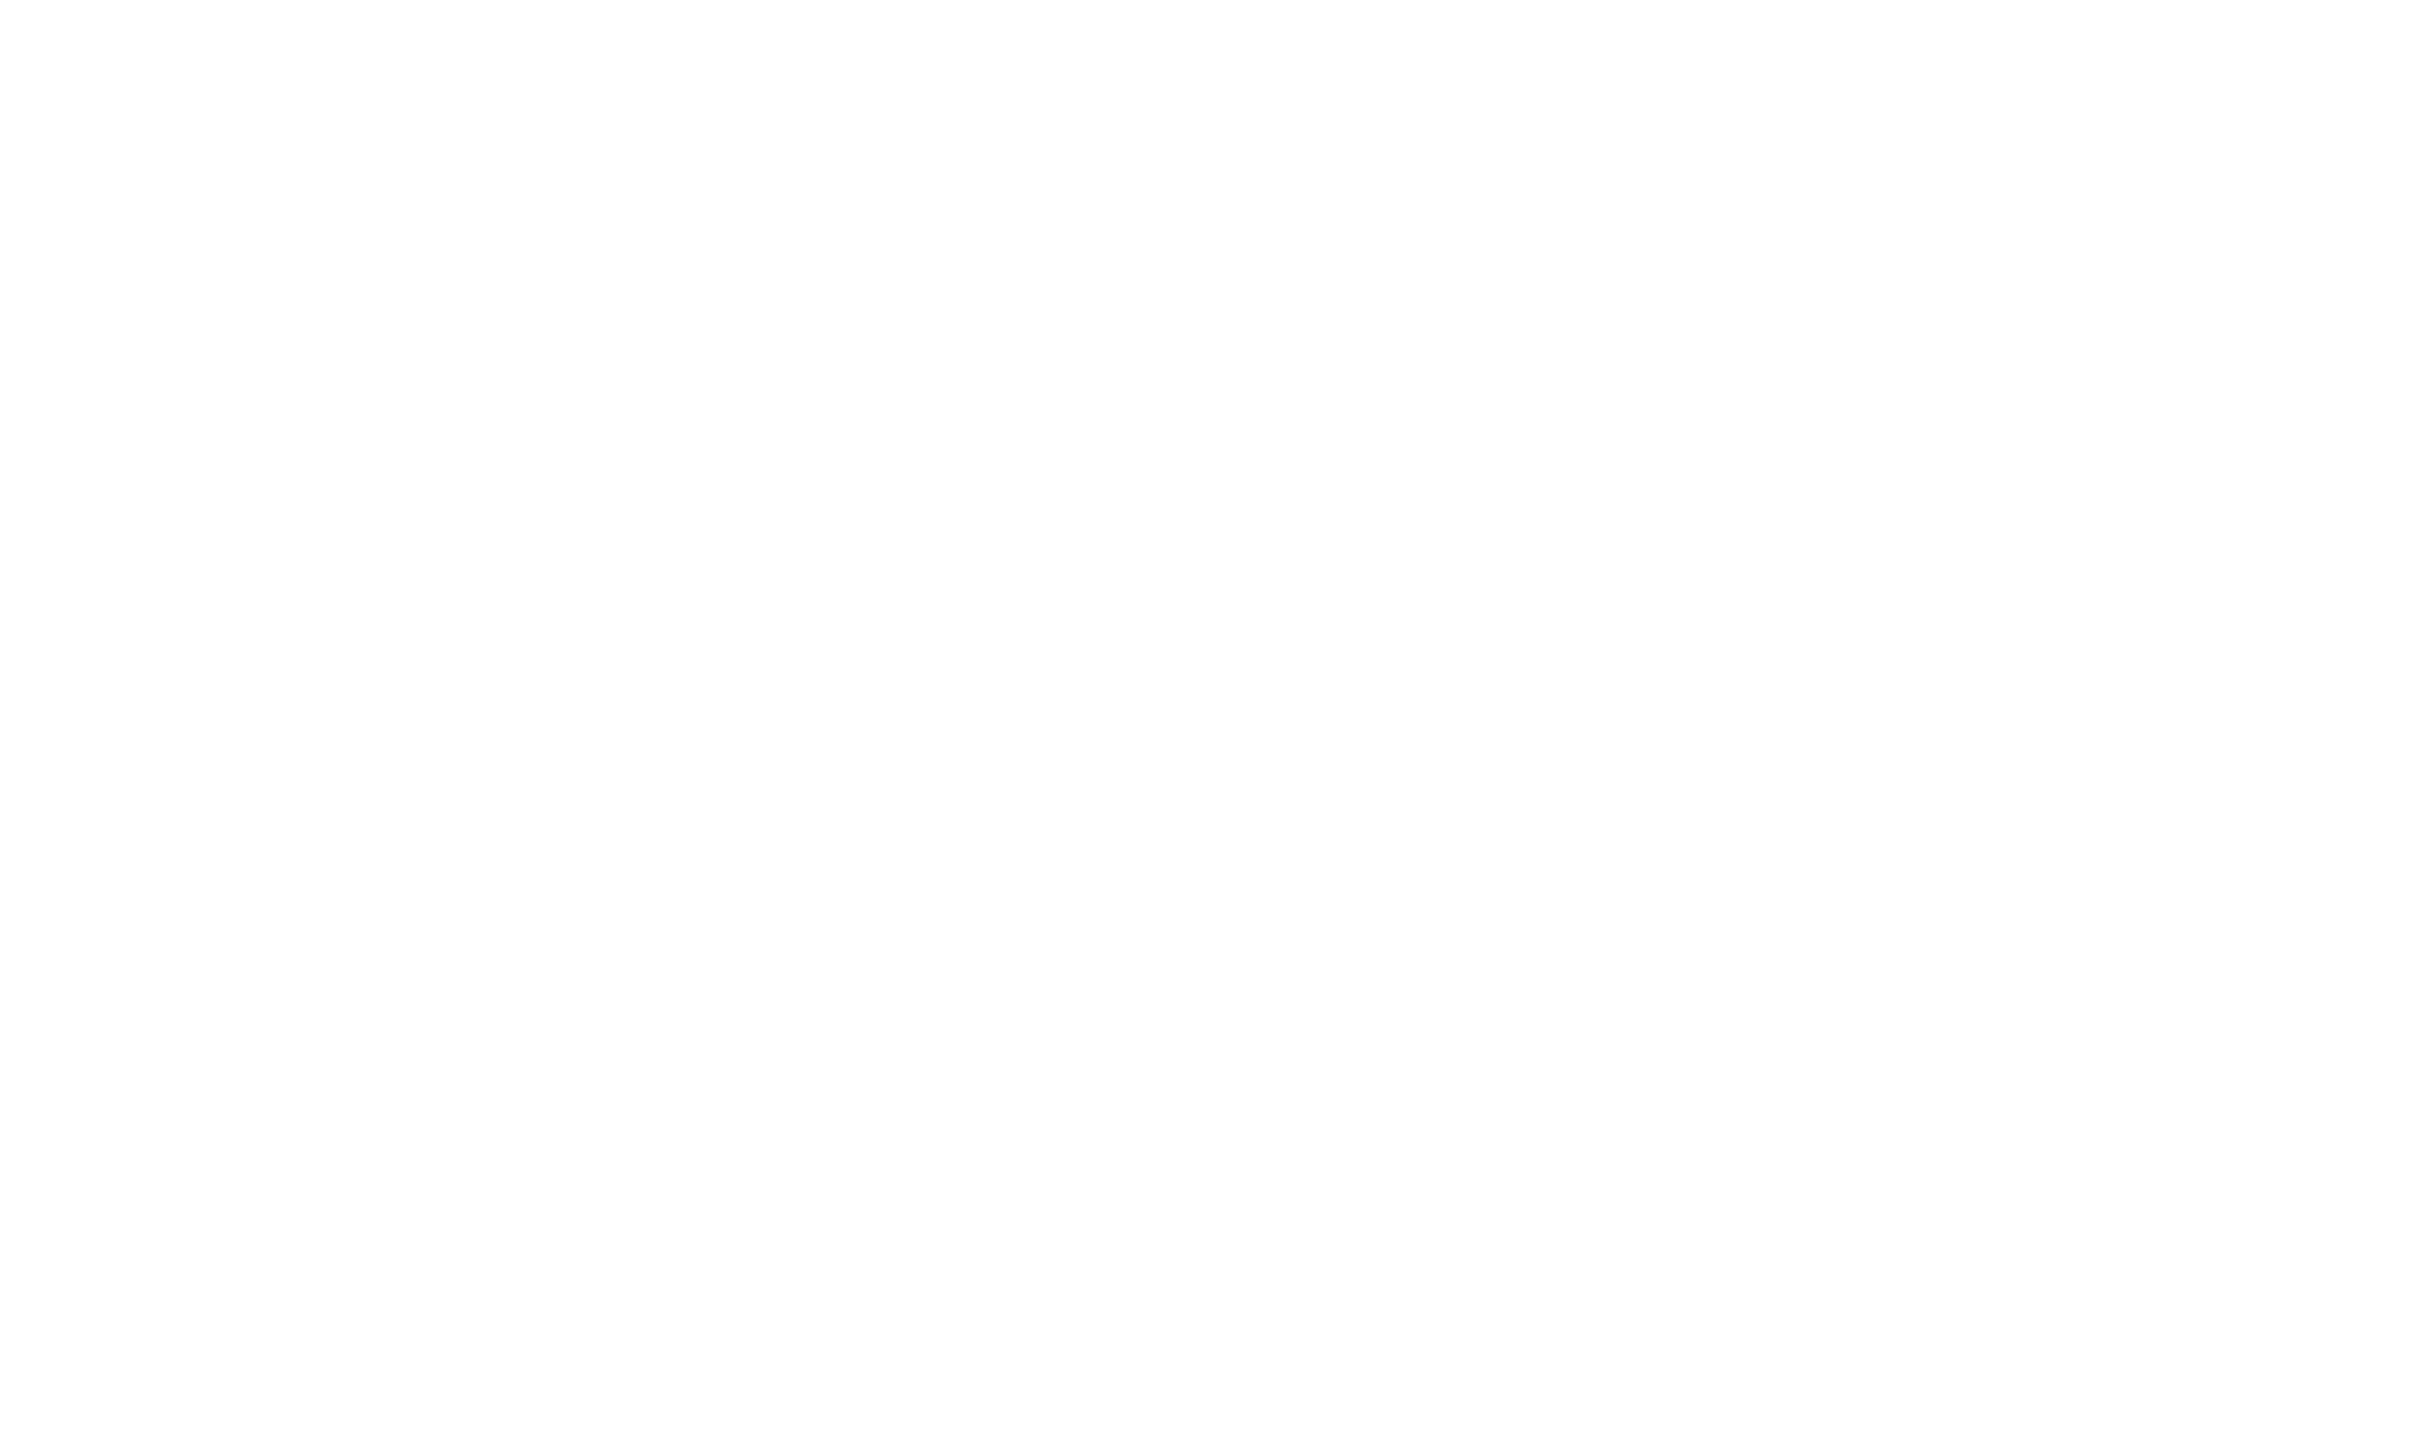 TRARCH